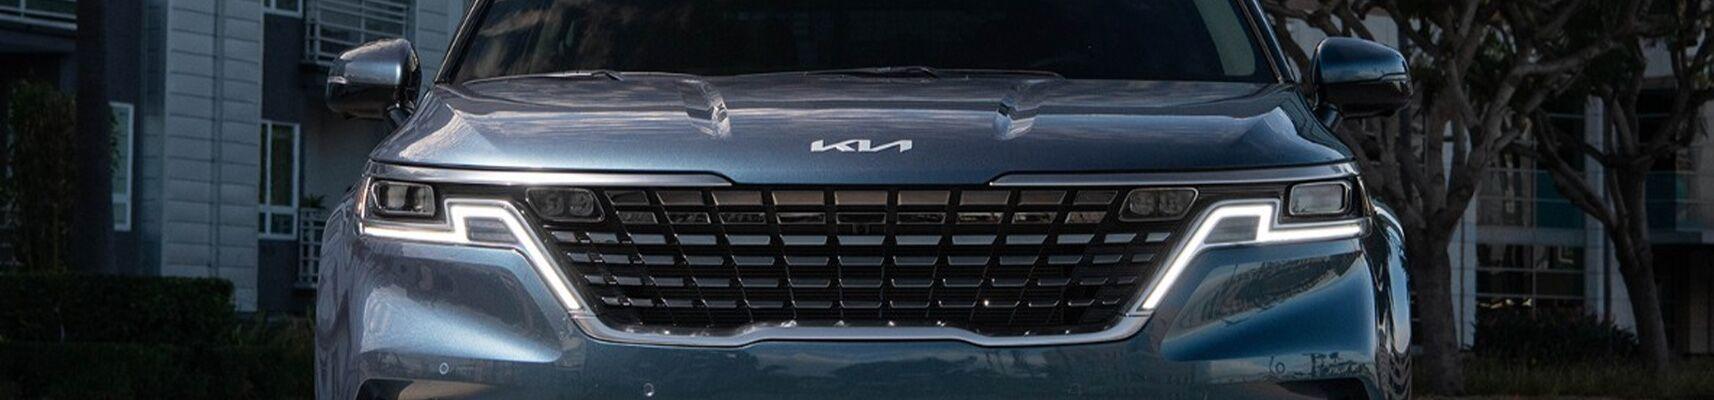 Kia Service Specials in Novato, CA